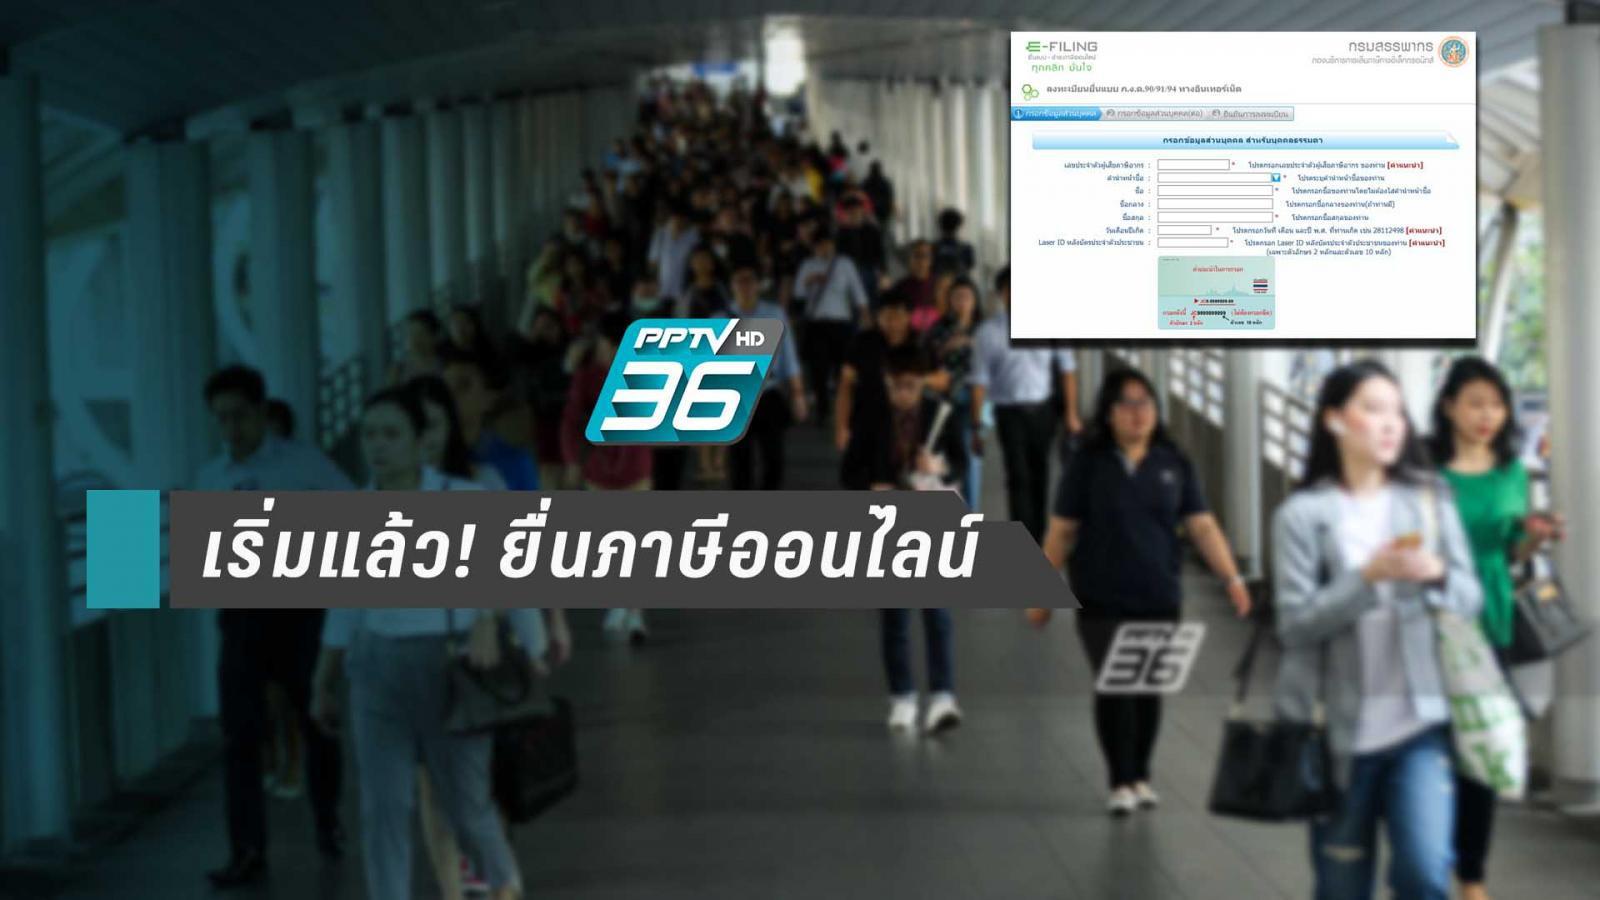 เตือน! คนทำงาน อย่าลืม 'ยื่นภาษีออนไลน์ 2563'